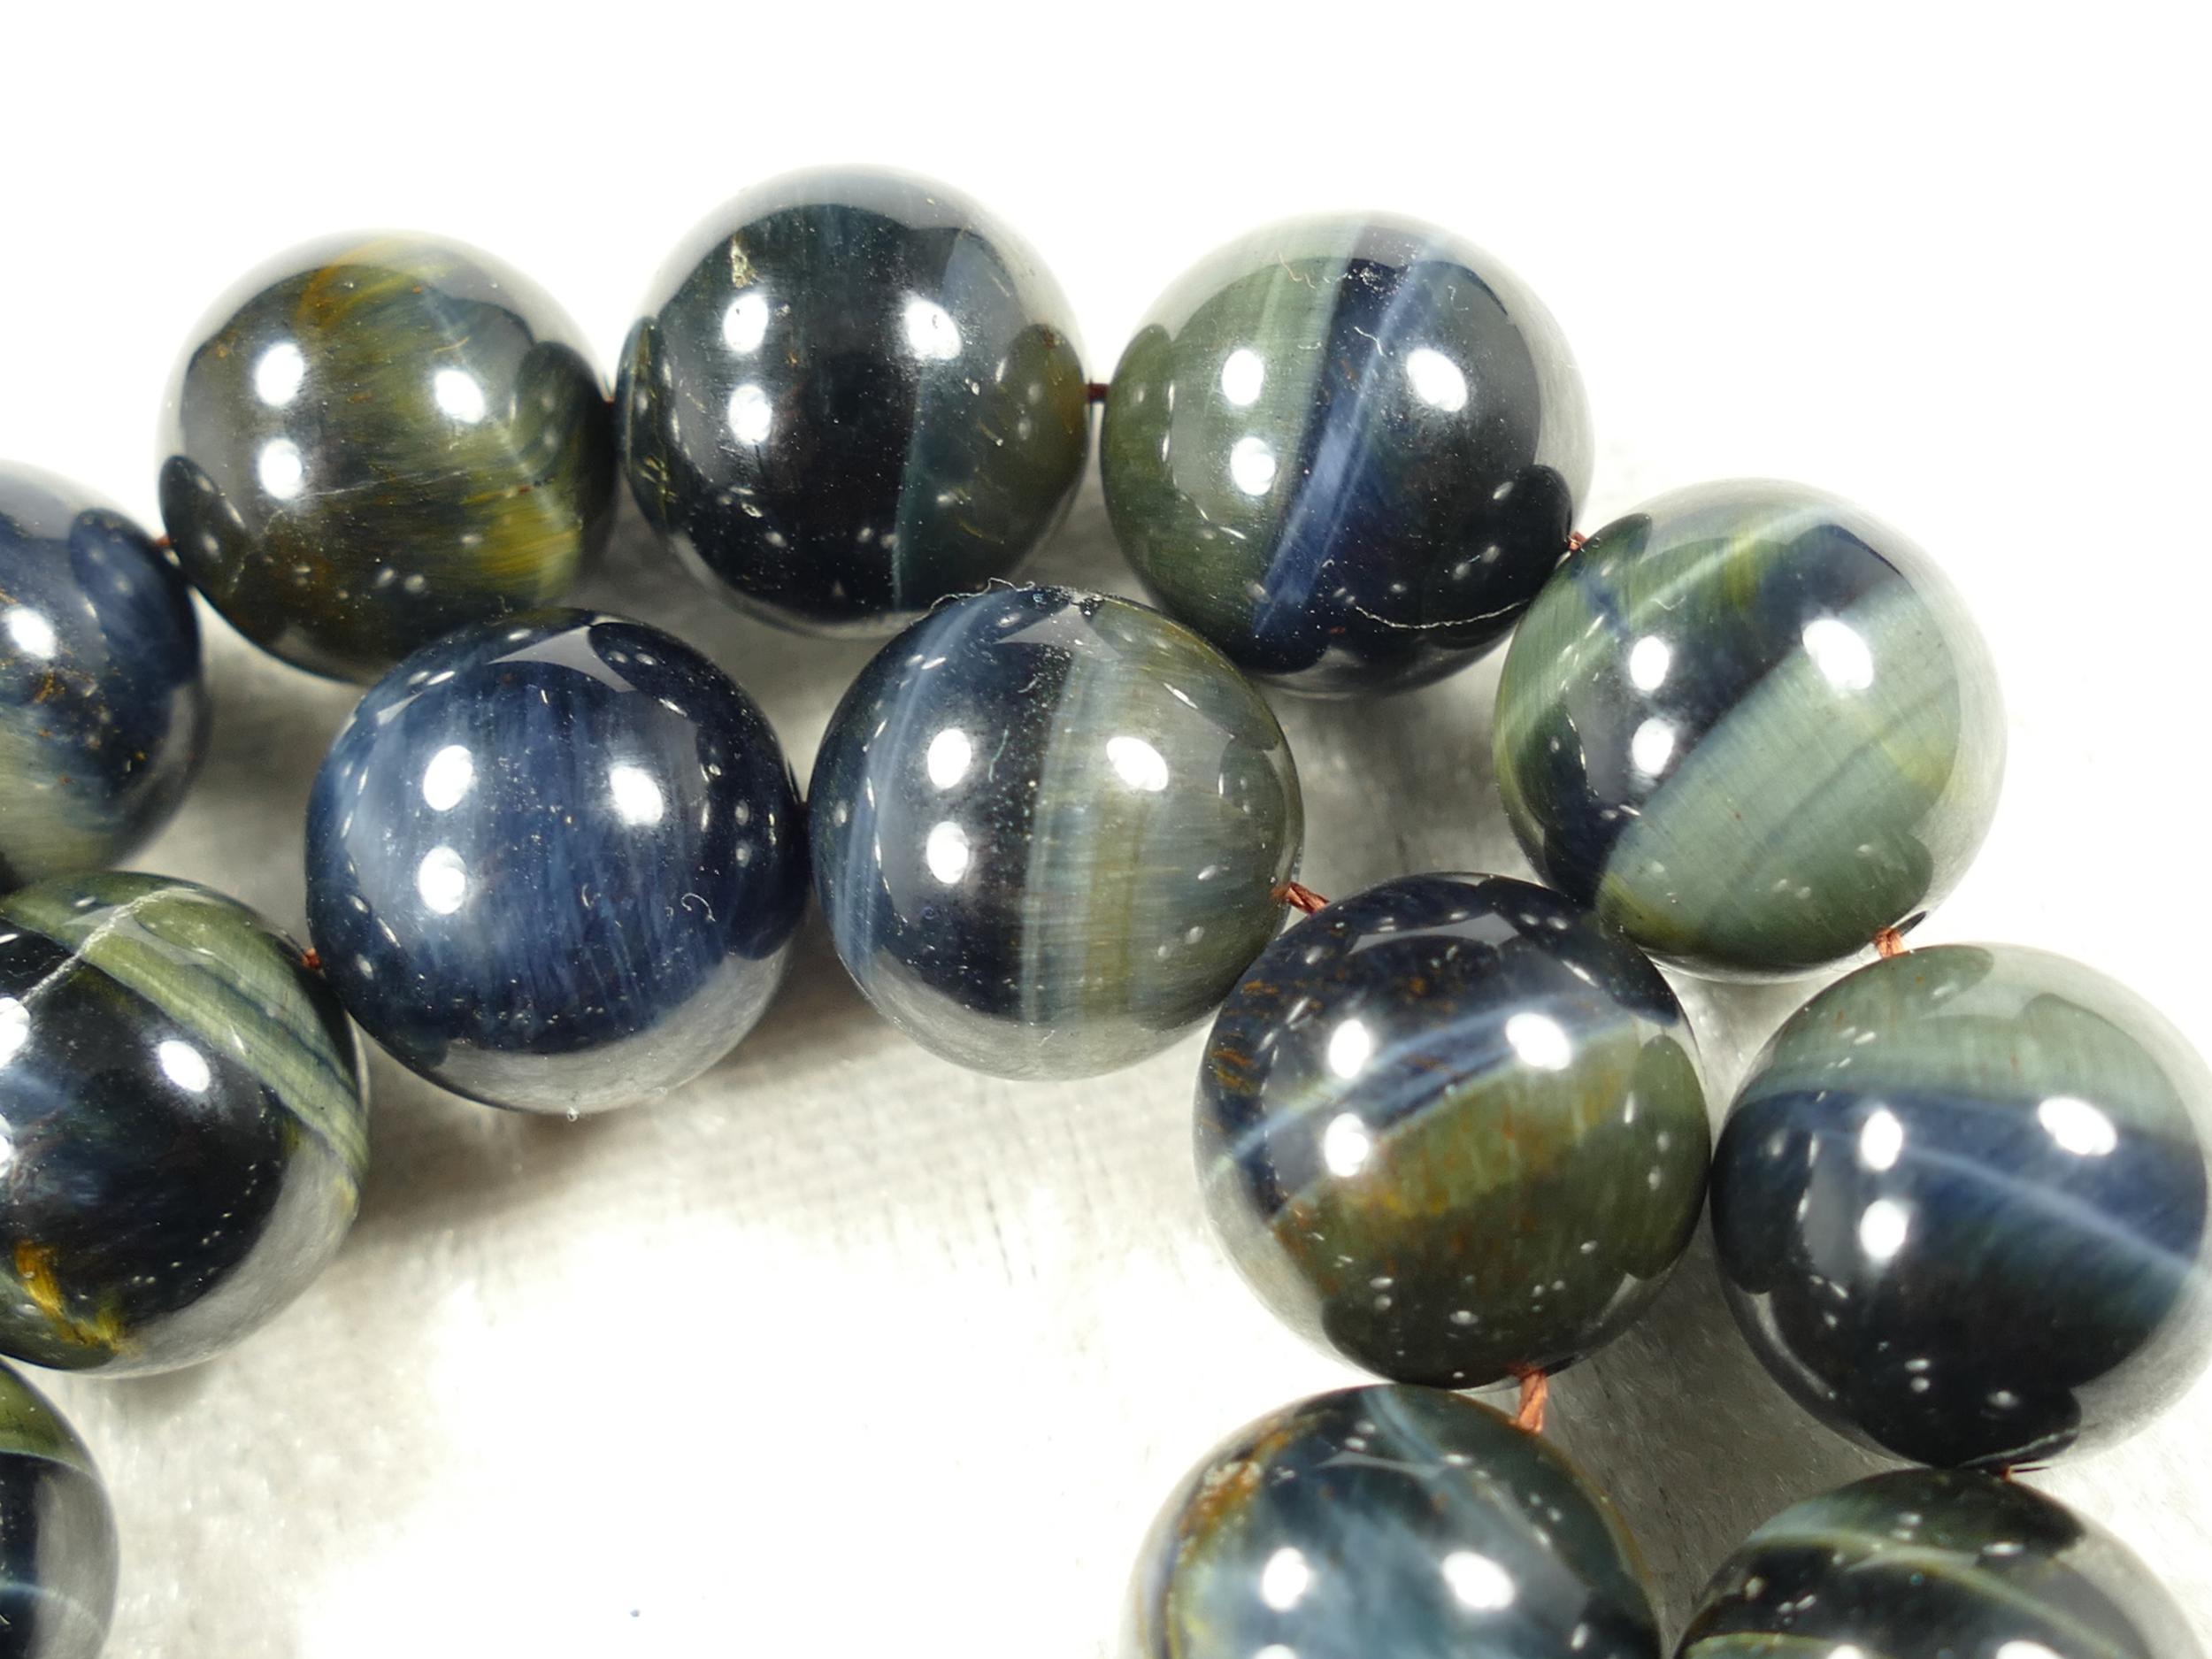 14.3/14.5mm Perle d\'Oeil-de-faucon naturel en boule lisse d\'Inde x4pc qualité avec inclusions (#AC514M)